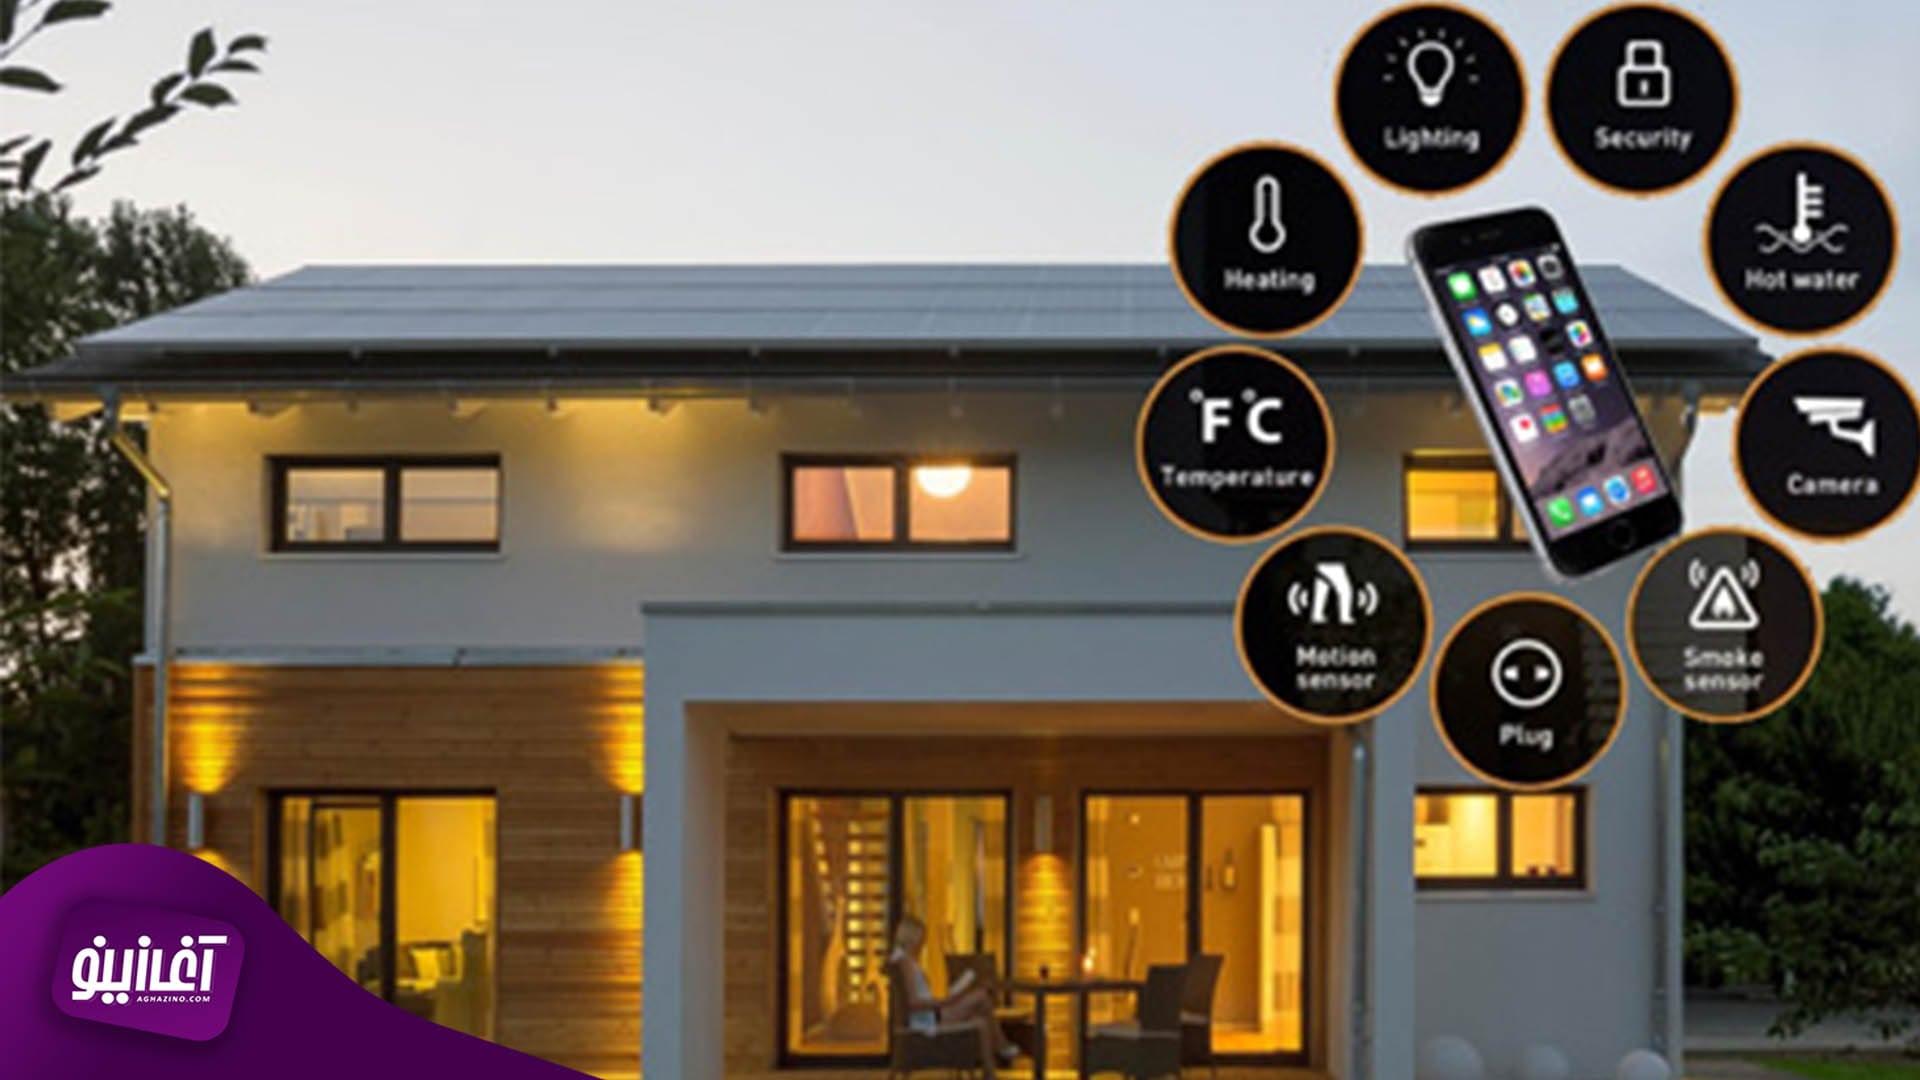 پیادهسازی خانه هوشمند